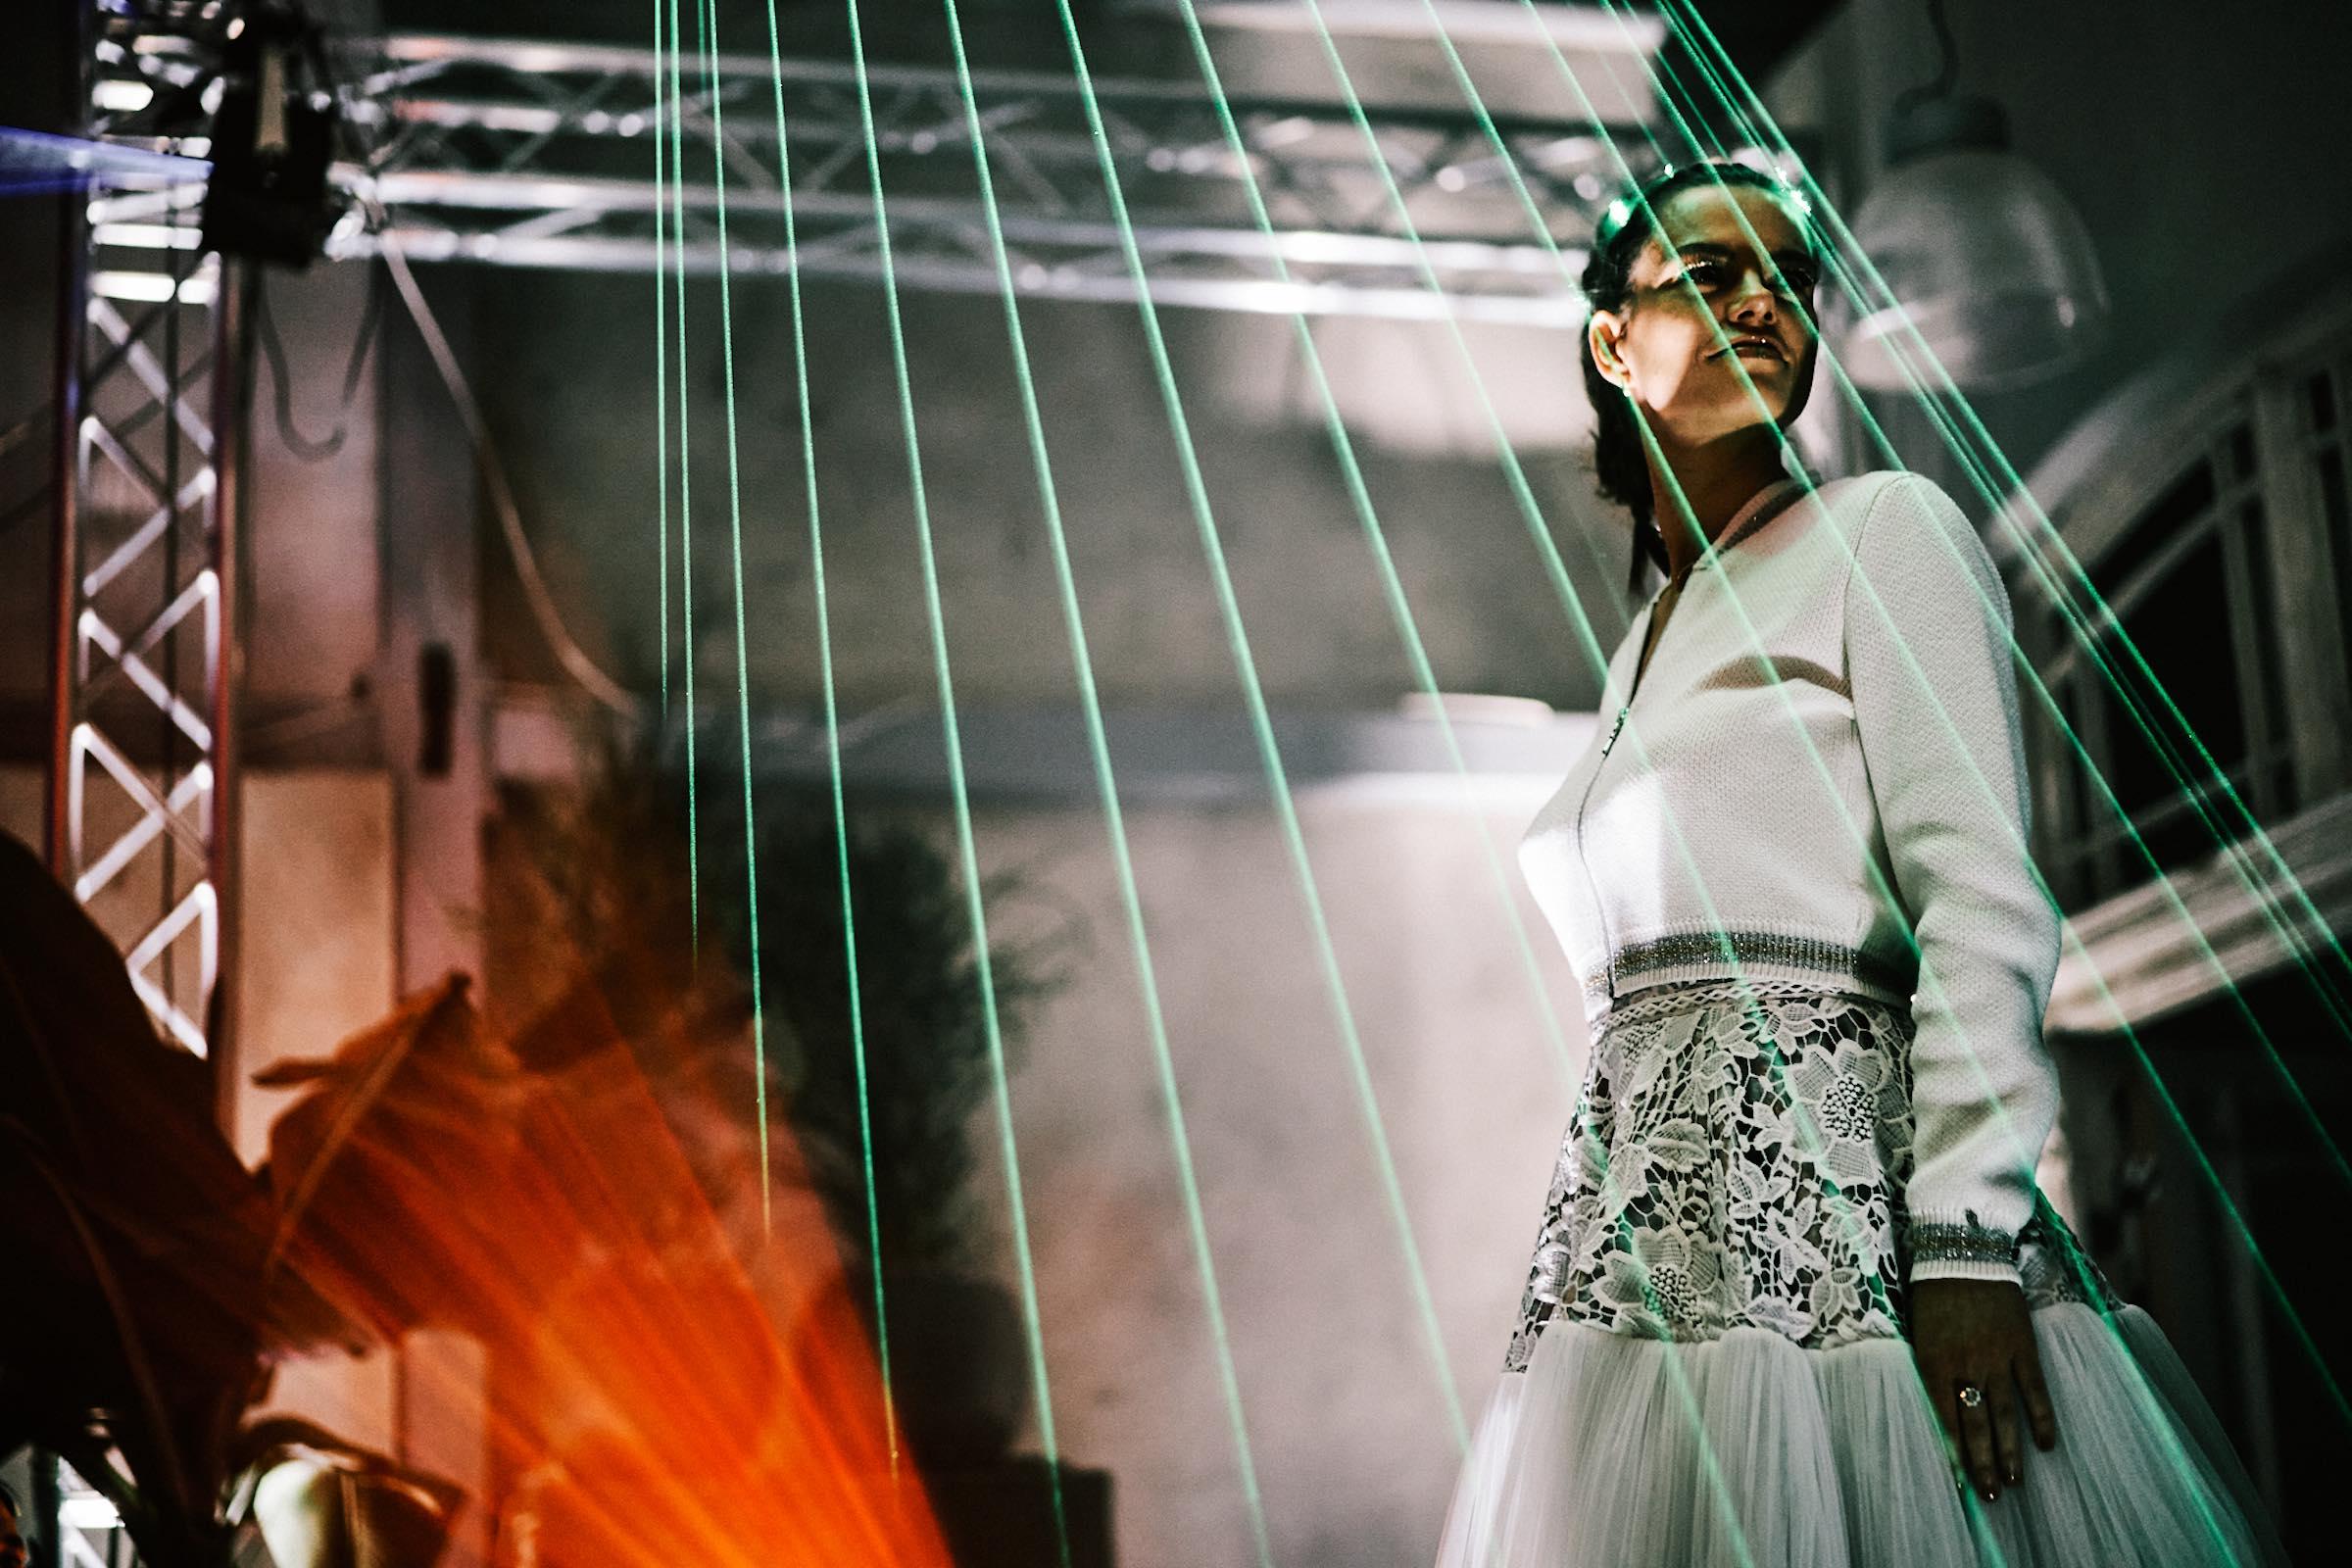 Lasershow |Laser |Lichtshow |Lightshow |Hochzeit |Indoor |Beamshow |Lichttechnik |Outdoor |Bühnenshow |Präsentation |Event |Business |Anfragen |Buchen |Mieten |Lehmann |Eventservice